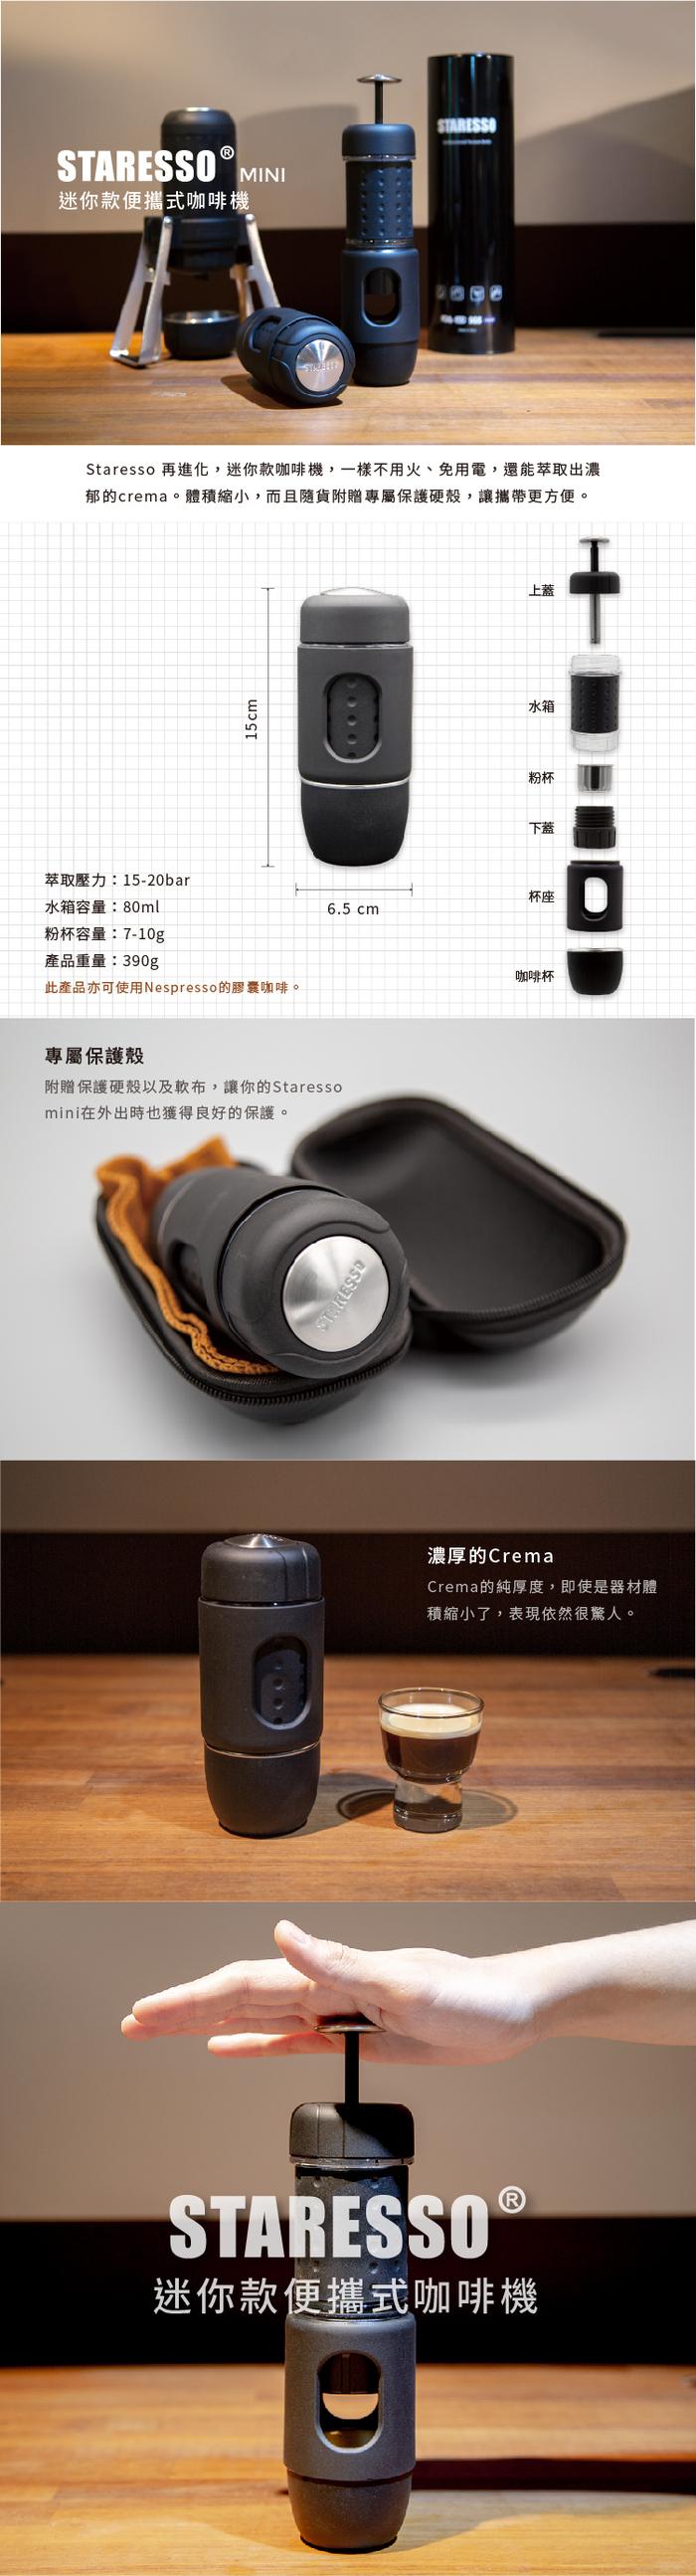 (複製)STARESSO|第三代便攜式義式咖啡機